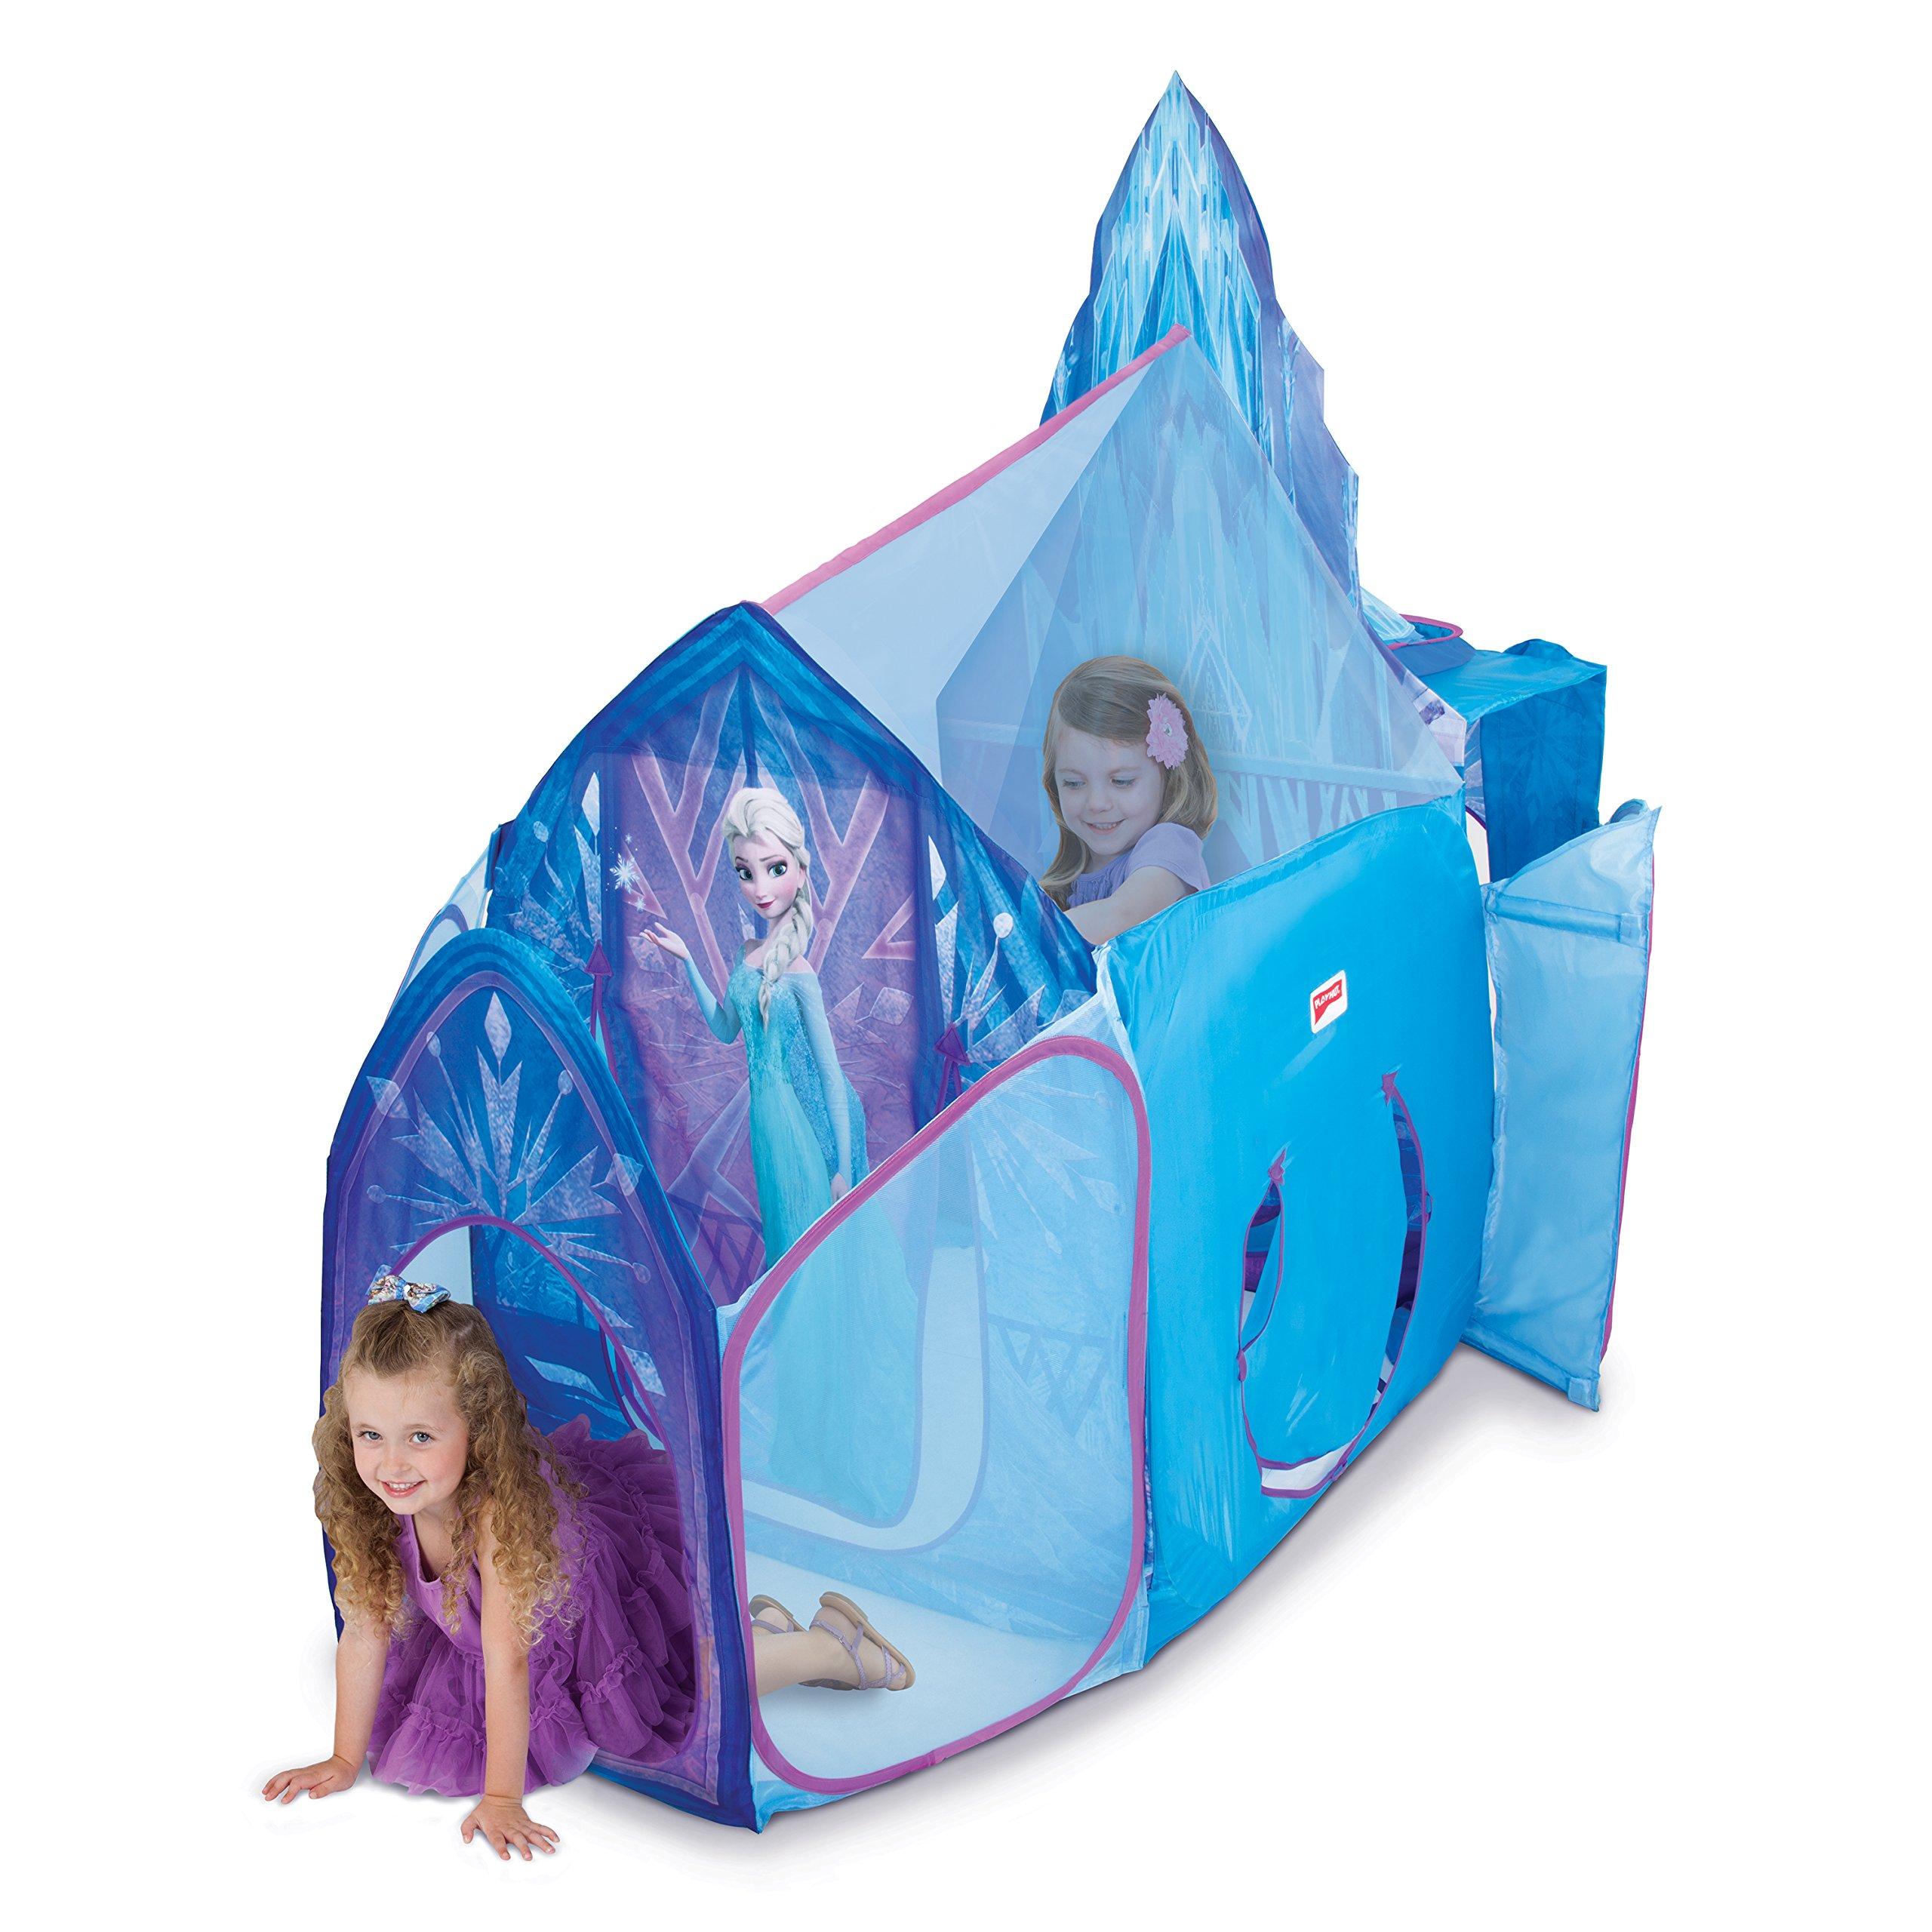 Playhut Disney'S Frozen - Elsa'S Ice Castle - image 2 de 8